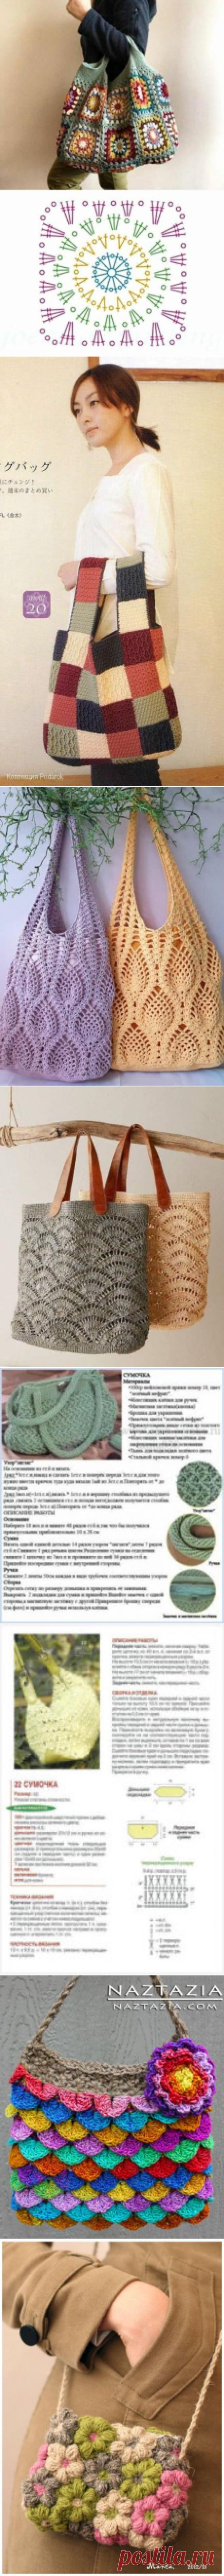 Вязаные сумки | Lukashina Galina | Идеи и фотоинструкции бесплатно на Постиле